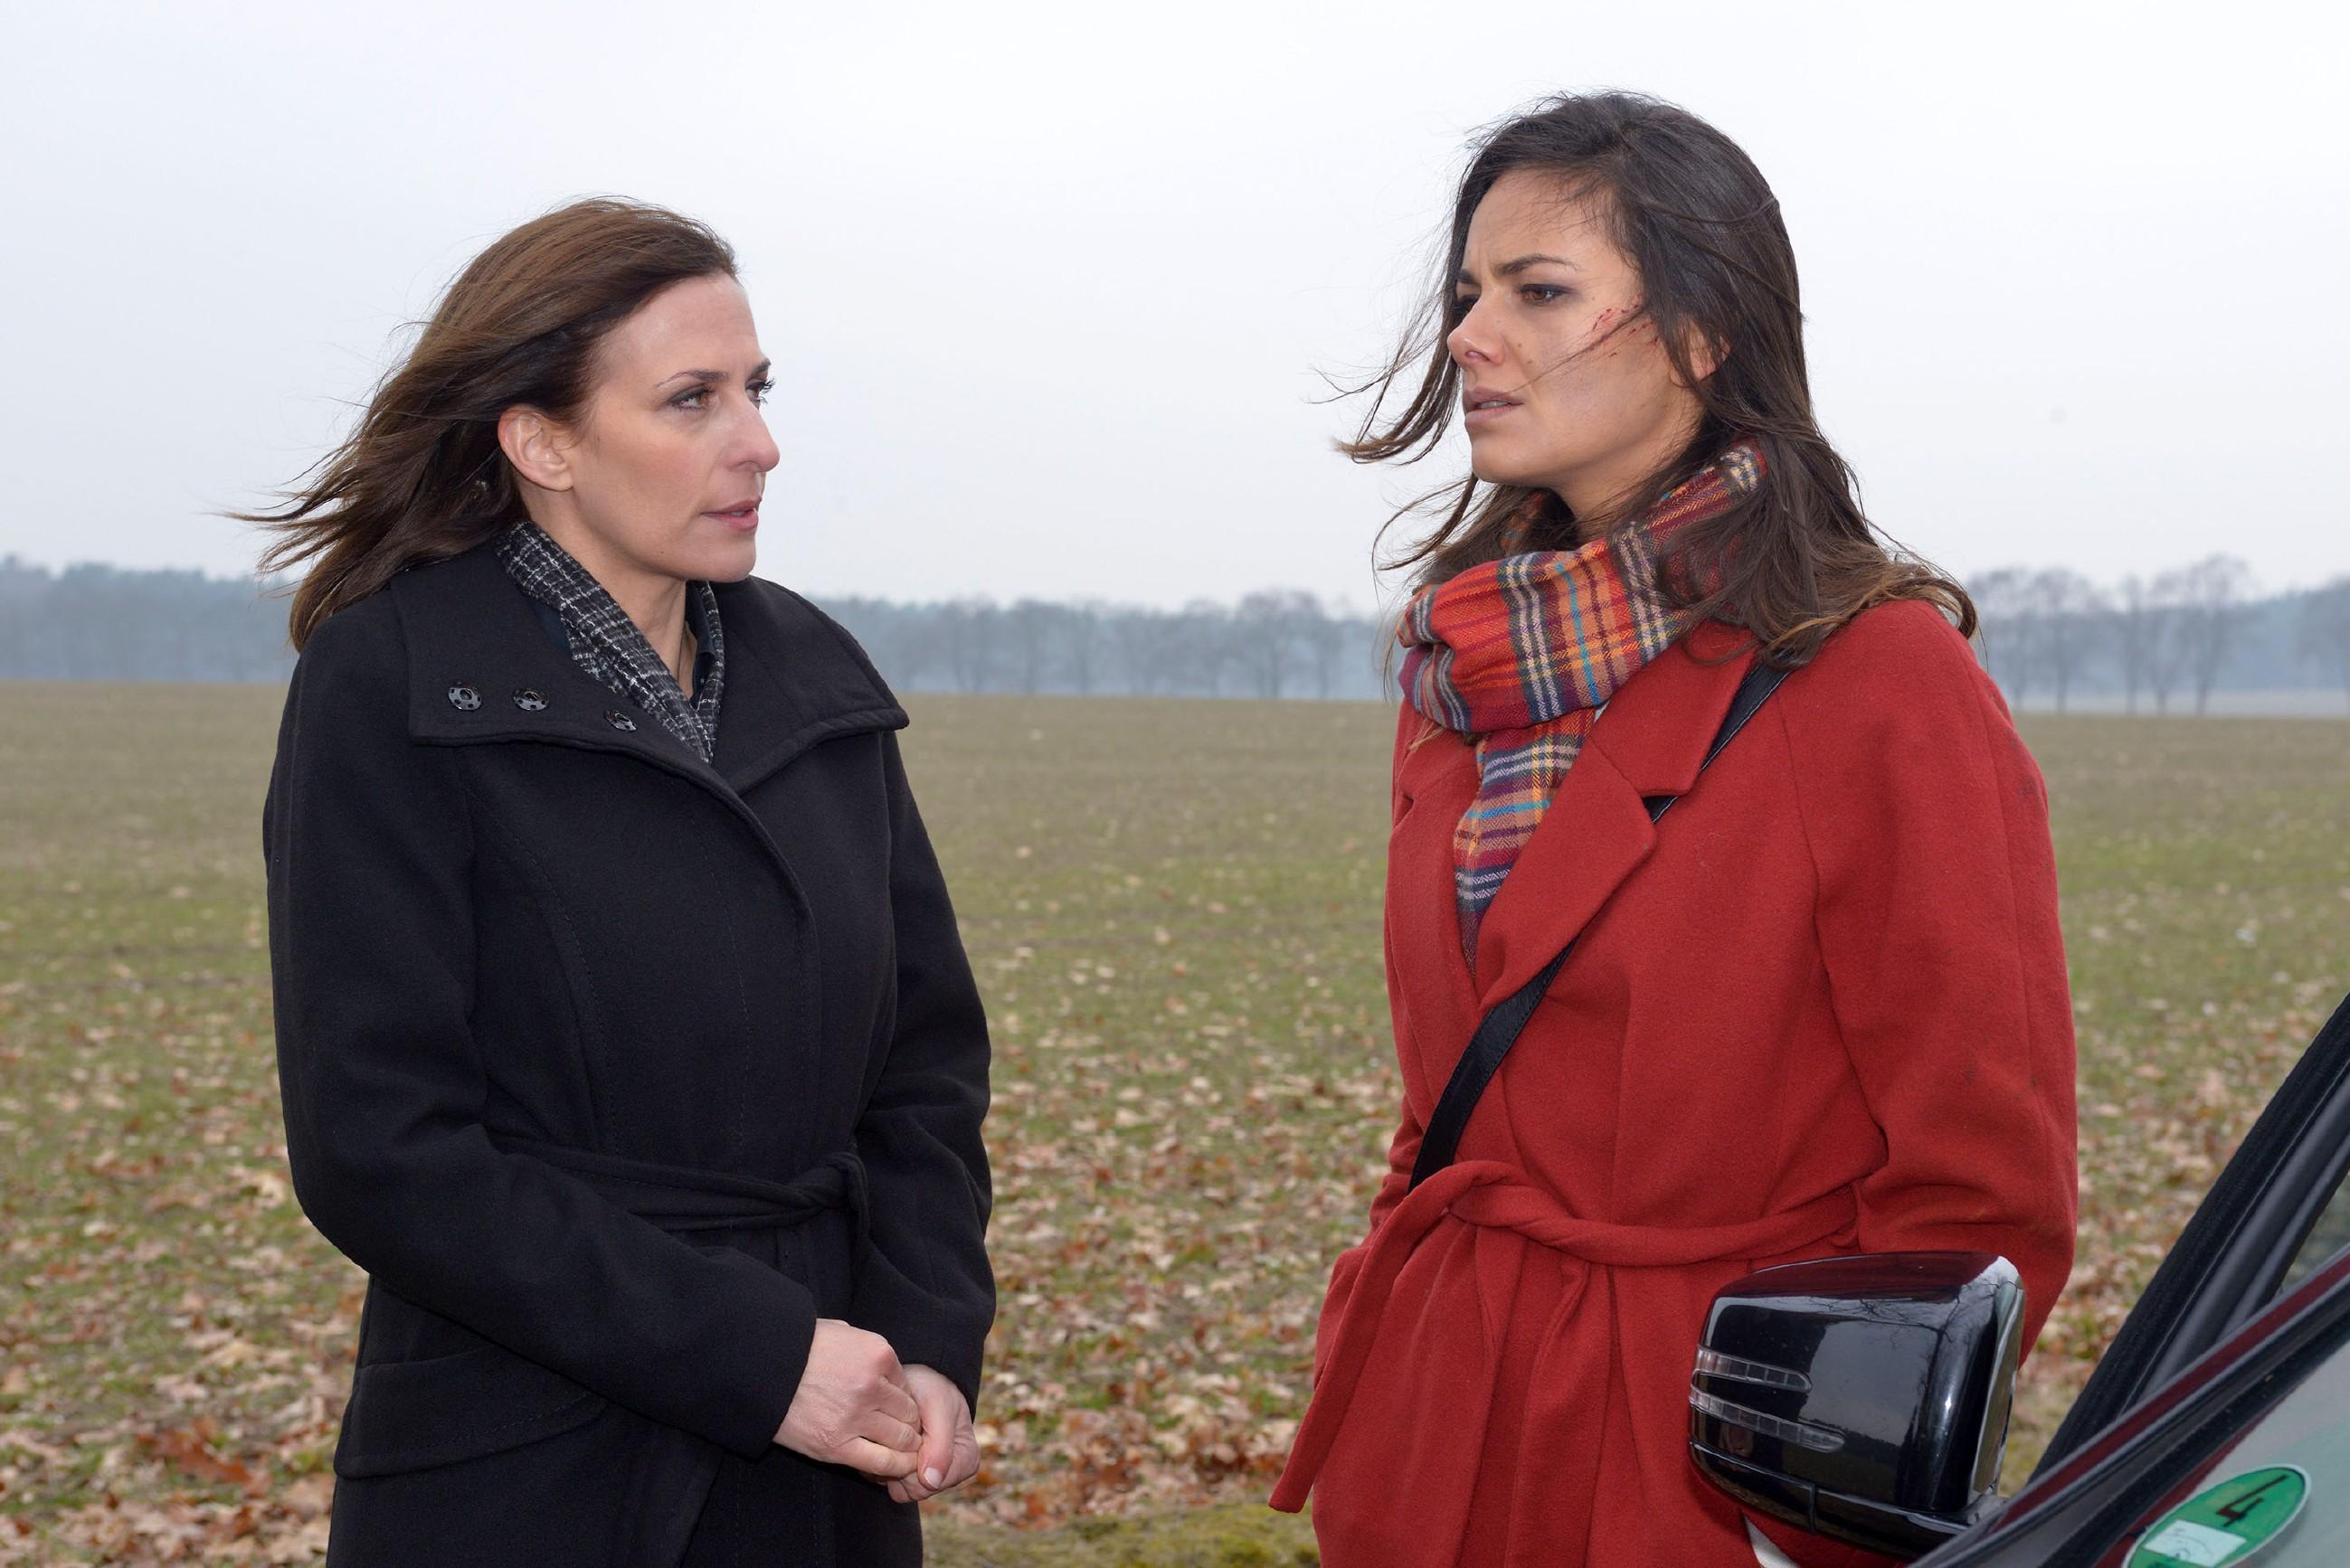 Katrin (Ulrike Frank, l.) versucht Jasmin (Janina Uhse) zu überzeugen, sich helfen zu lassen. (Quelle: RTL / Rolf Baumgartner)